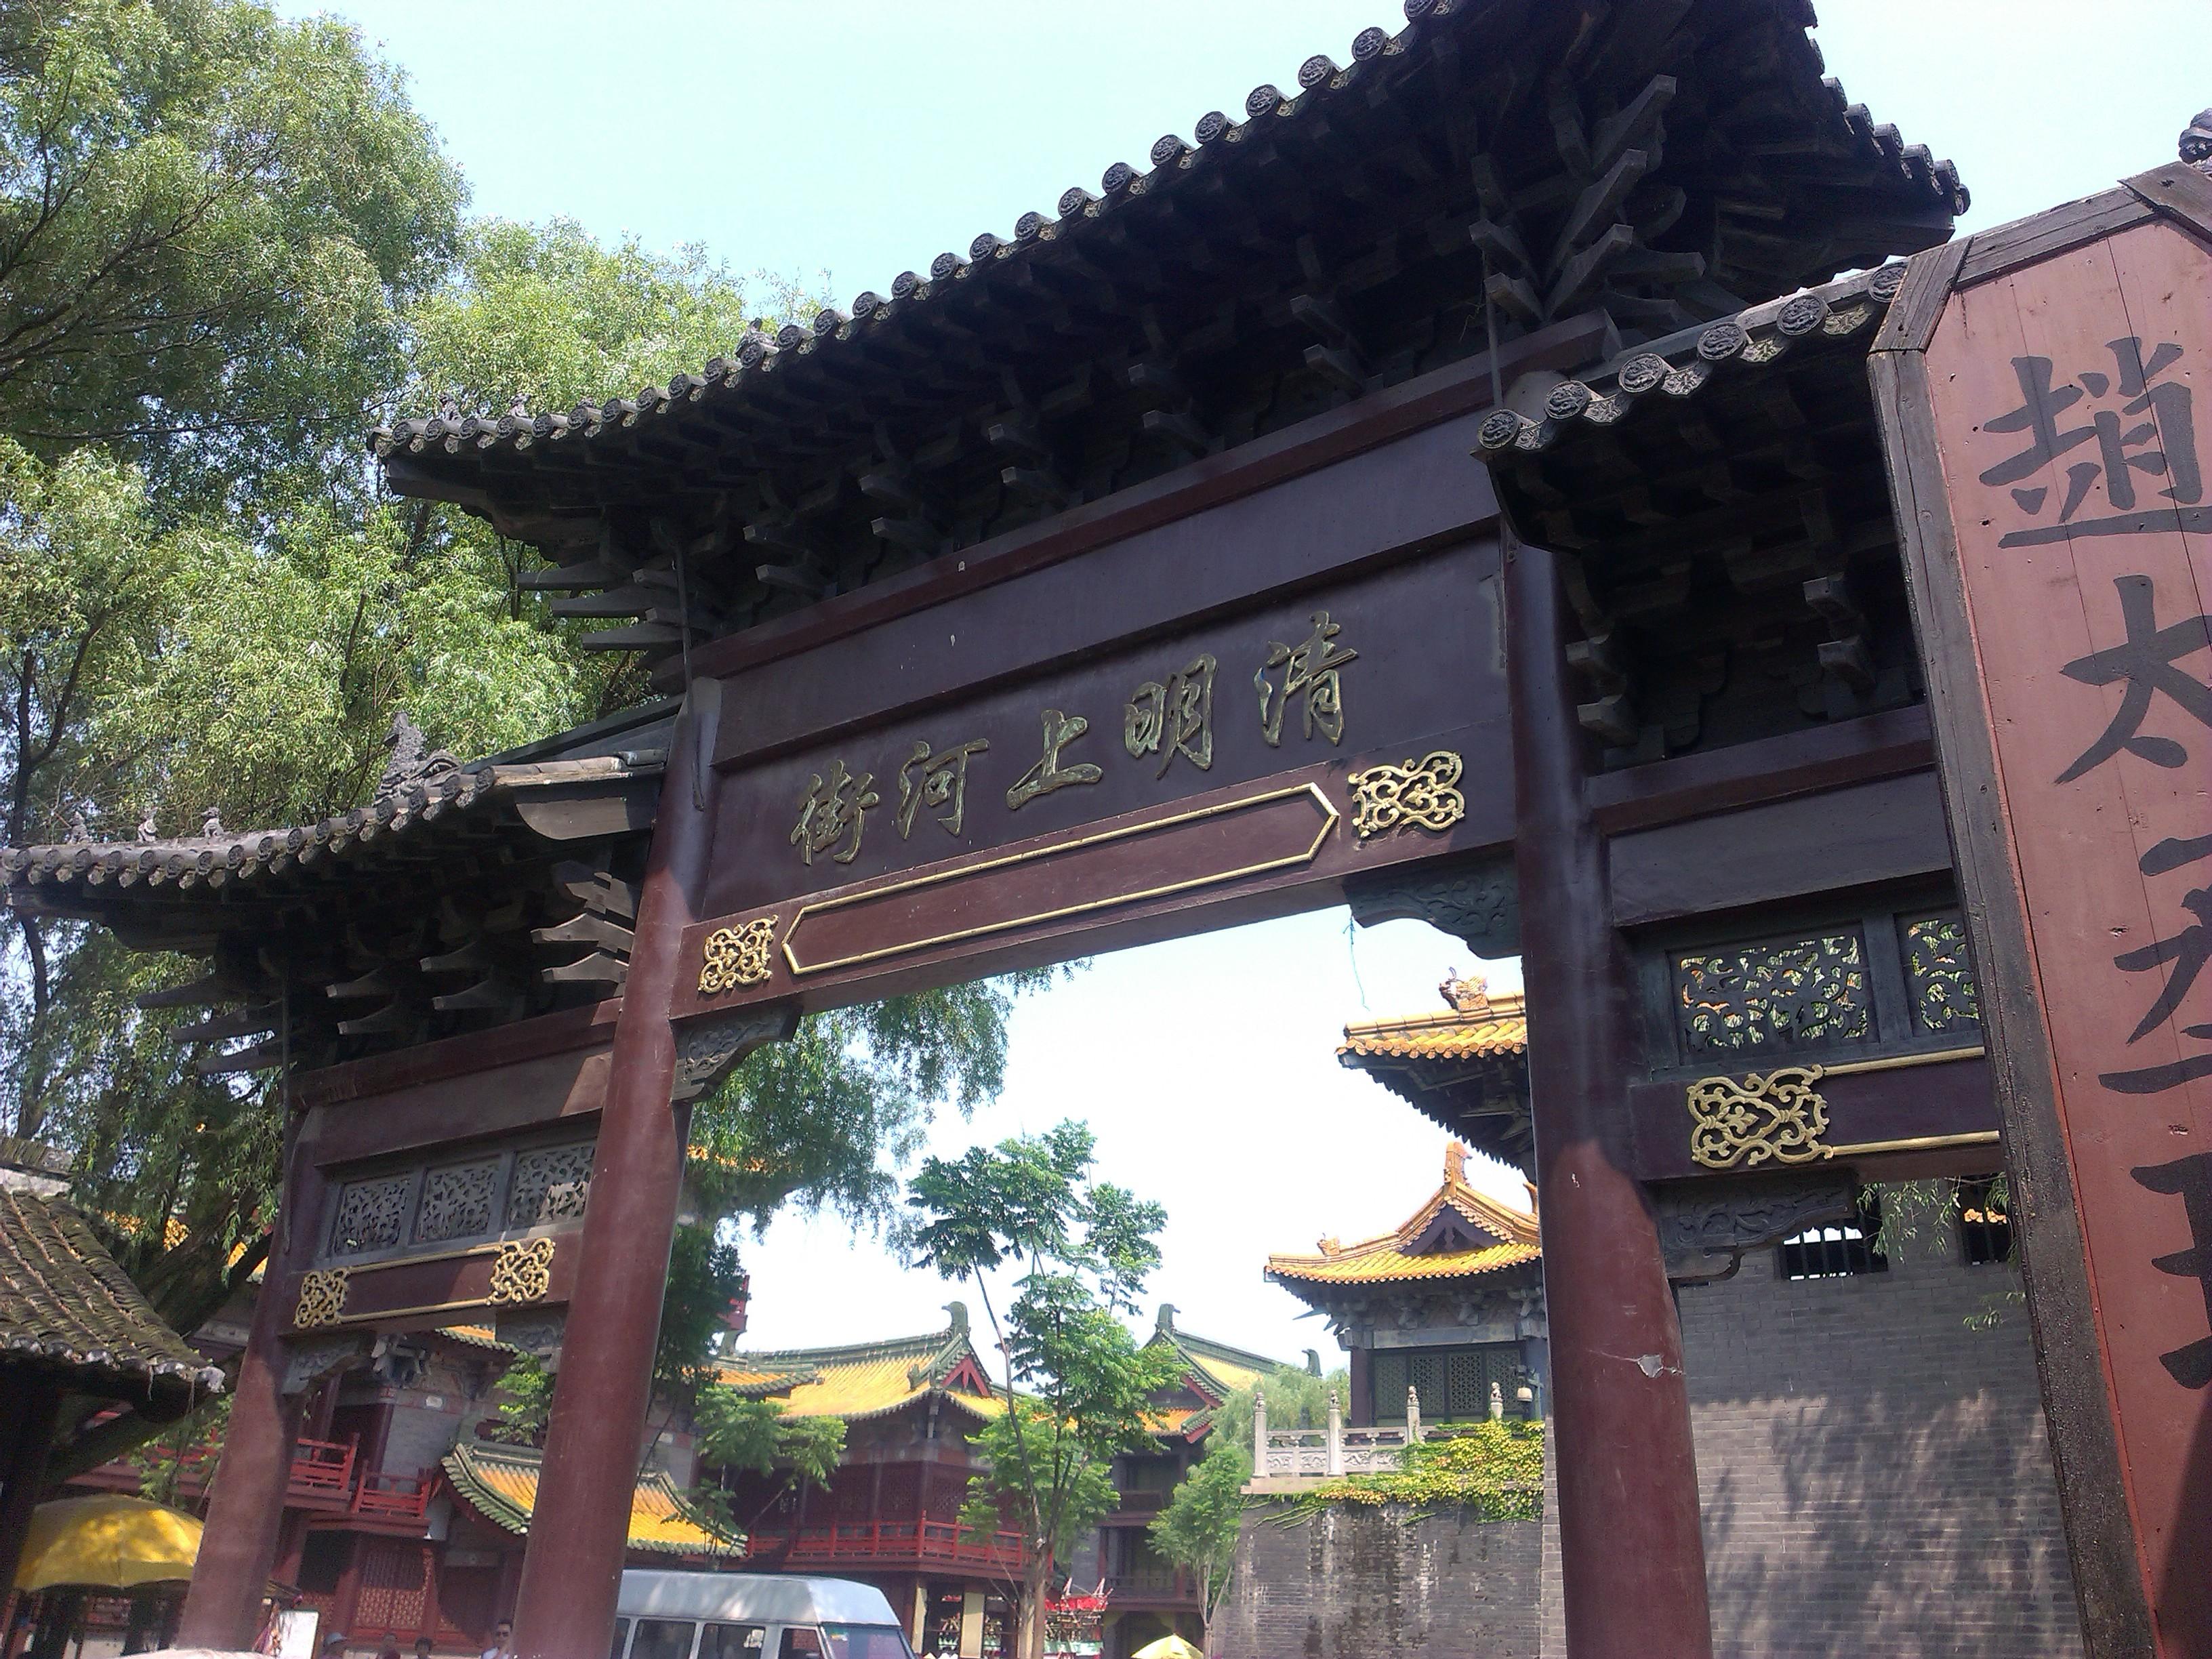 中华民族传统文化的